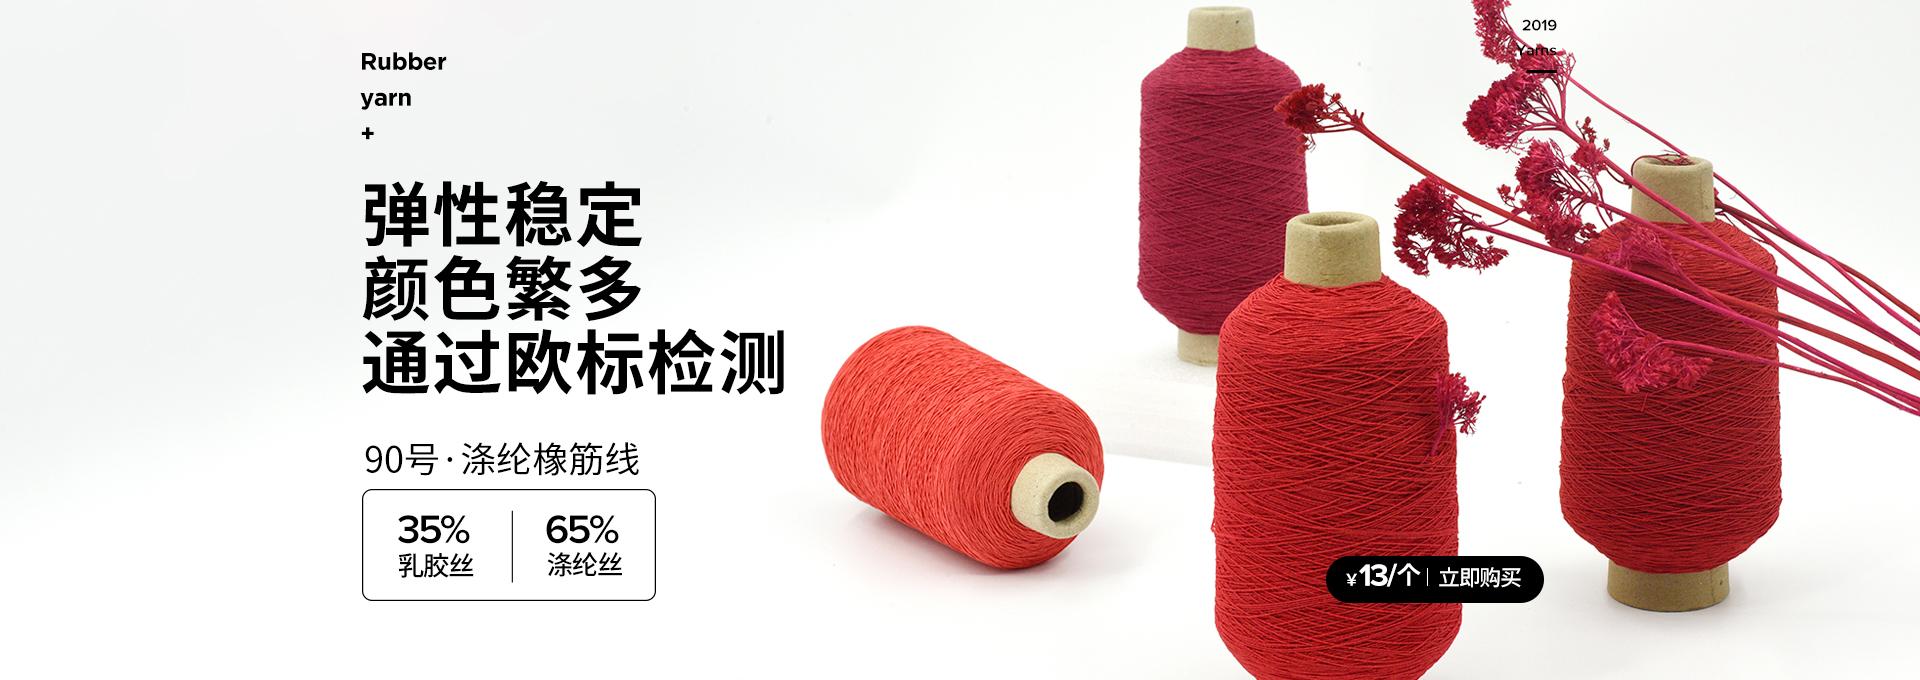 东莞市大朗志源纺织品贸易行